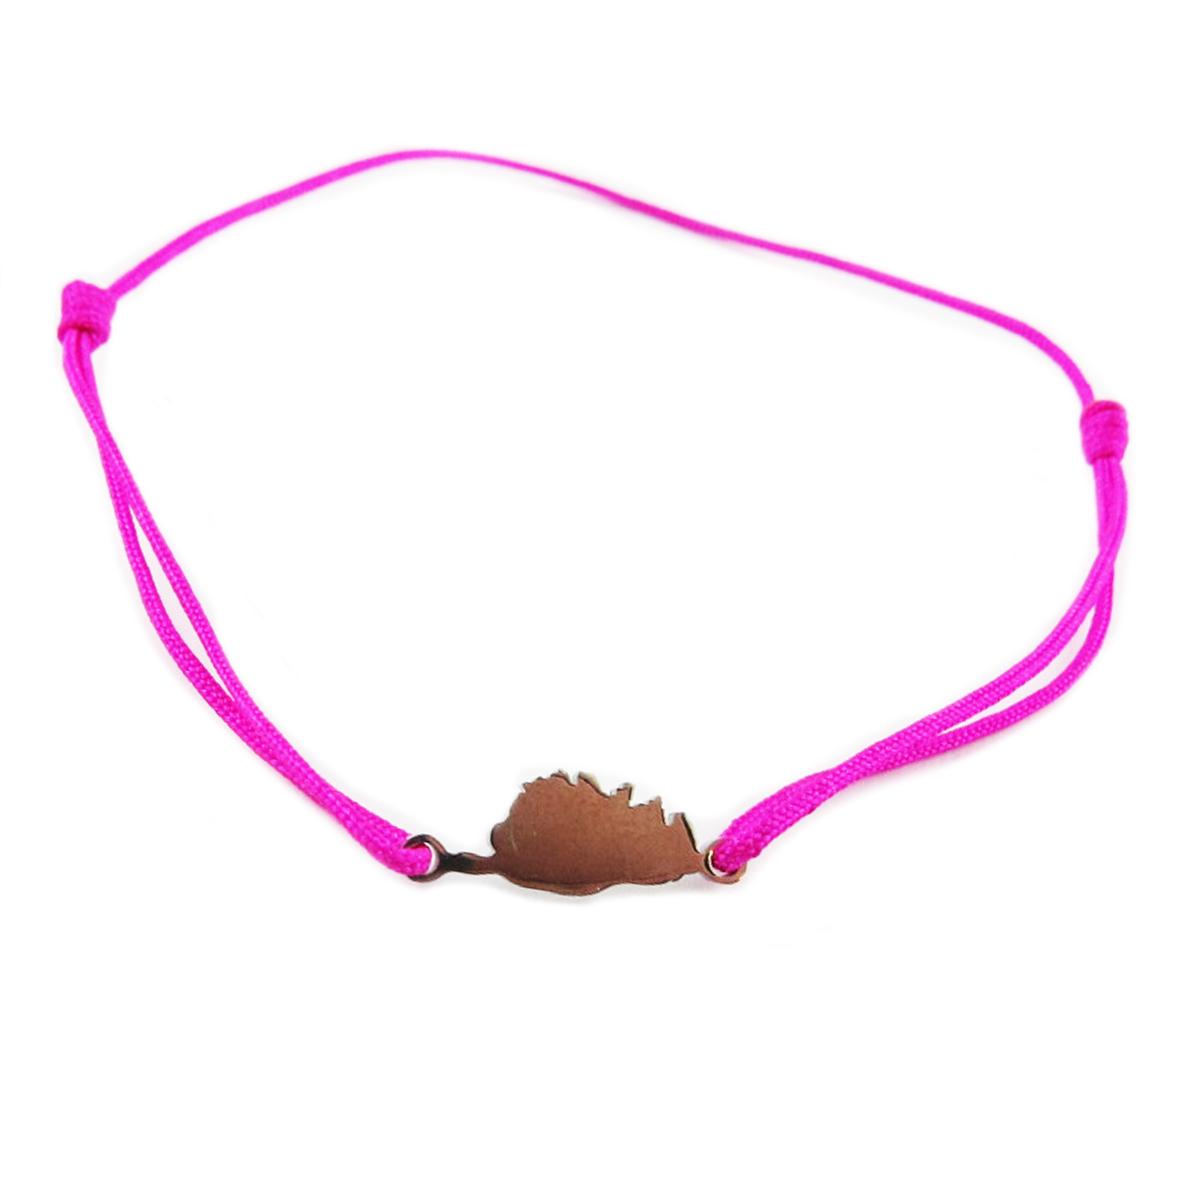 Bracelet acier \'Corsica\' rose fuschia argenté (corse) - 10x7 mm - [R0151]